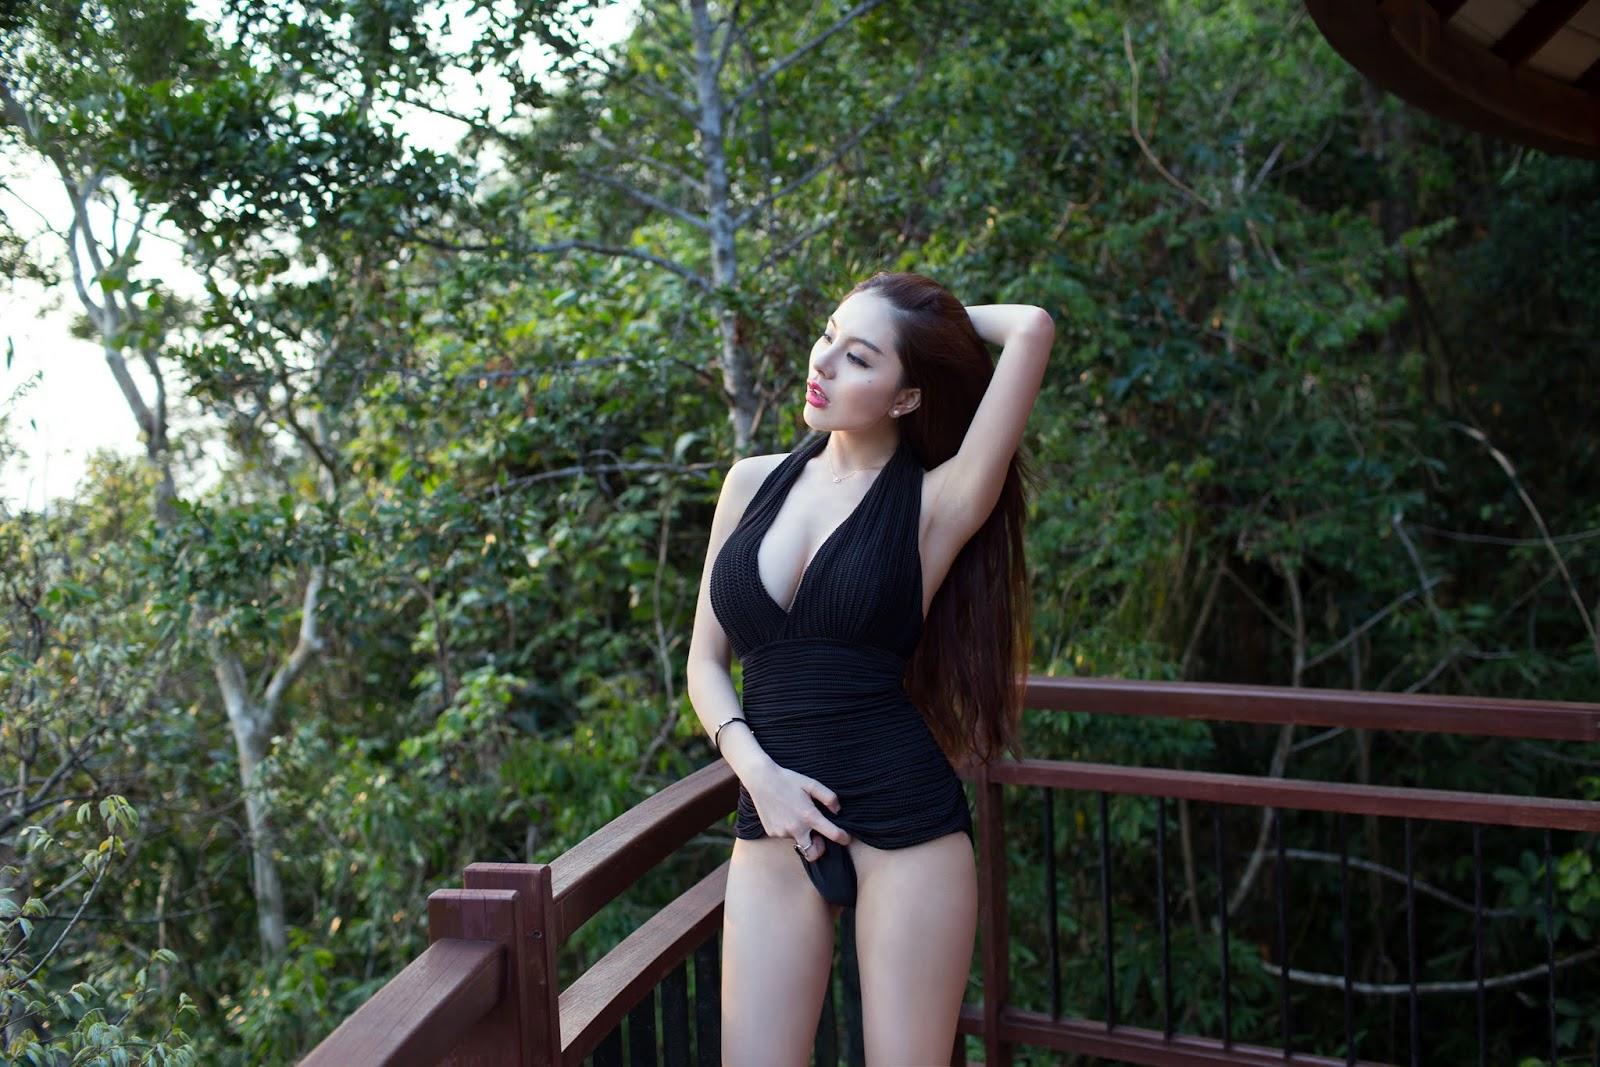 %252B%252B%252B%25C2%25AC %252B 34 - Naked Nude Girl TUIGIRL NO.51 Model